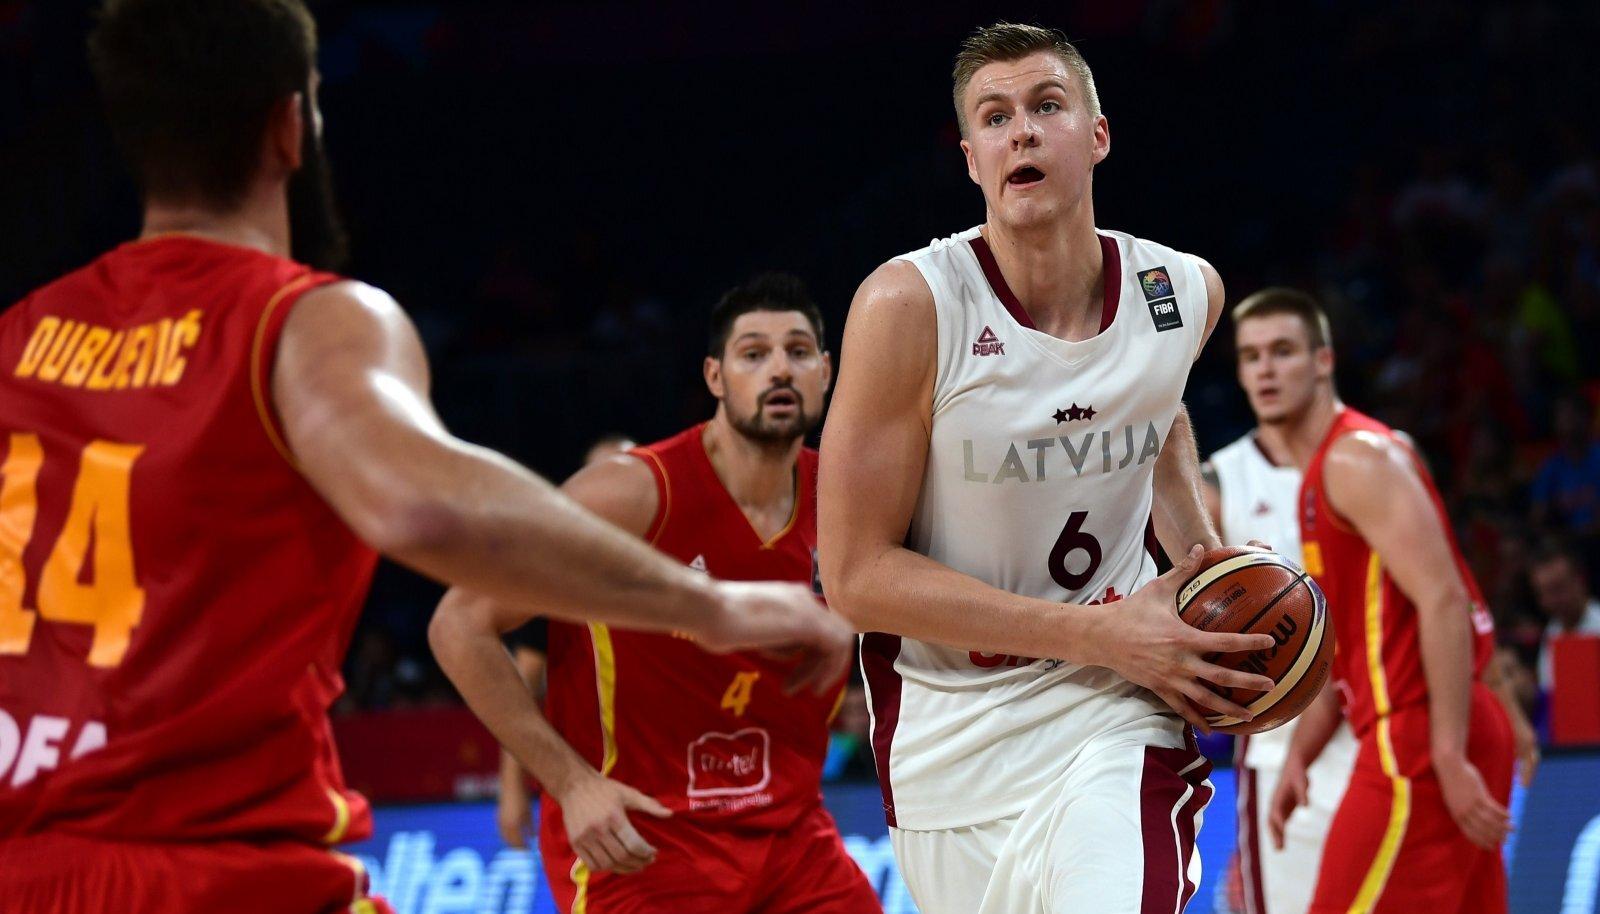 Läti koondise suurim staar Kristaps Pozringis 2017. aasta EM-il. Keegi ei tea, millal teda jälle koondise särgis näha saab, kuna valikmängudes NBA-staarid ju osaleda ei saa.